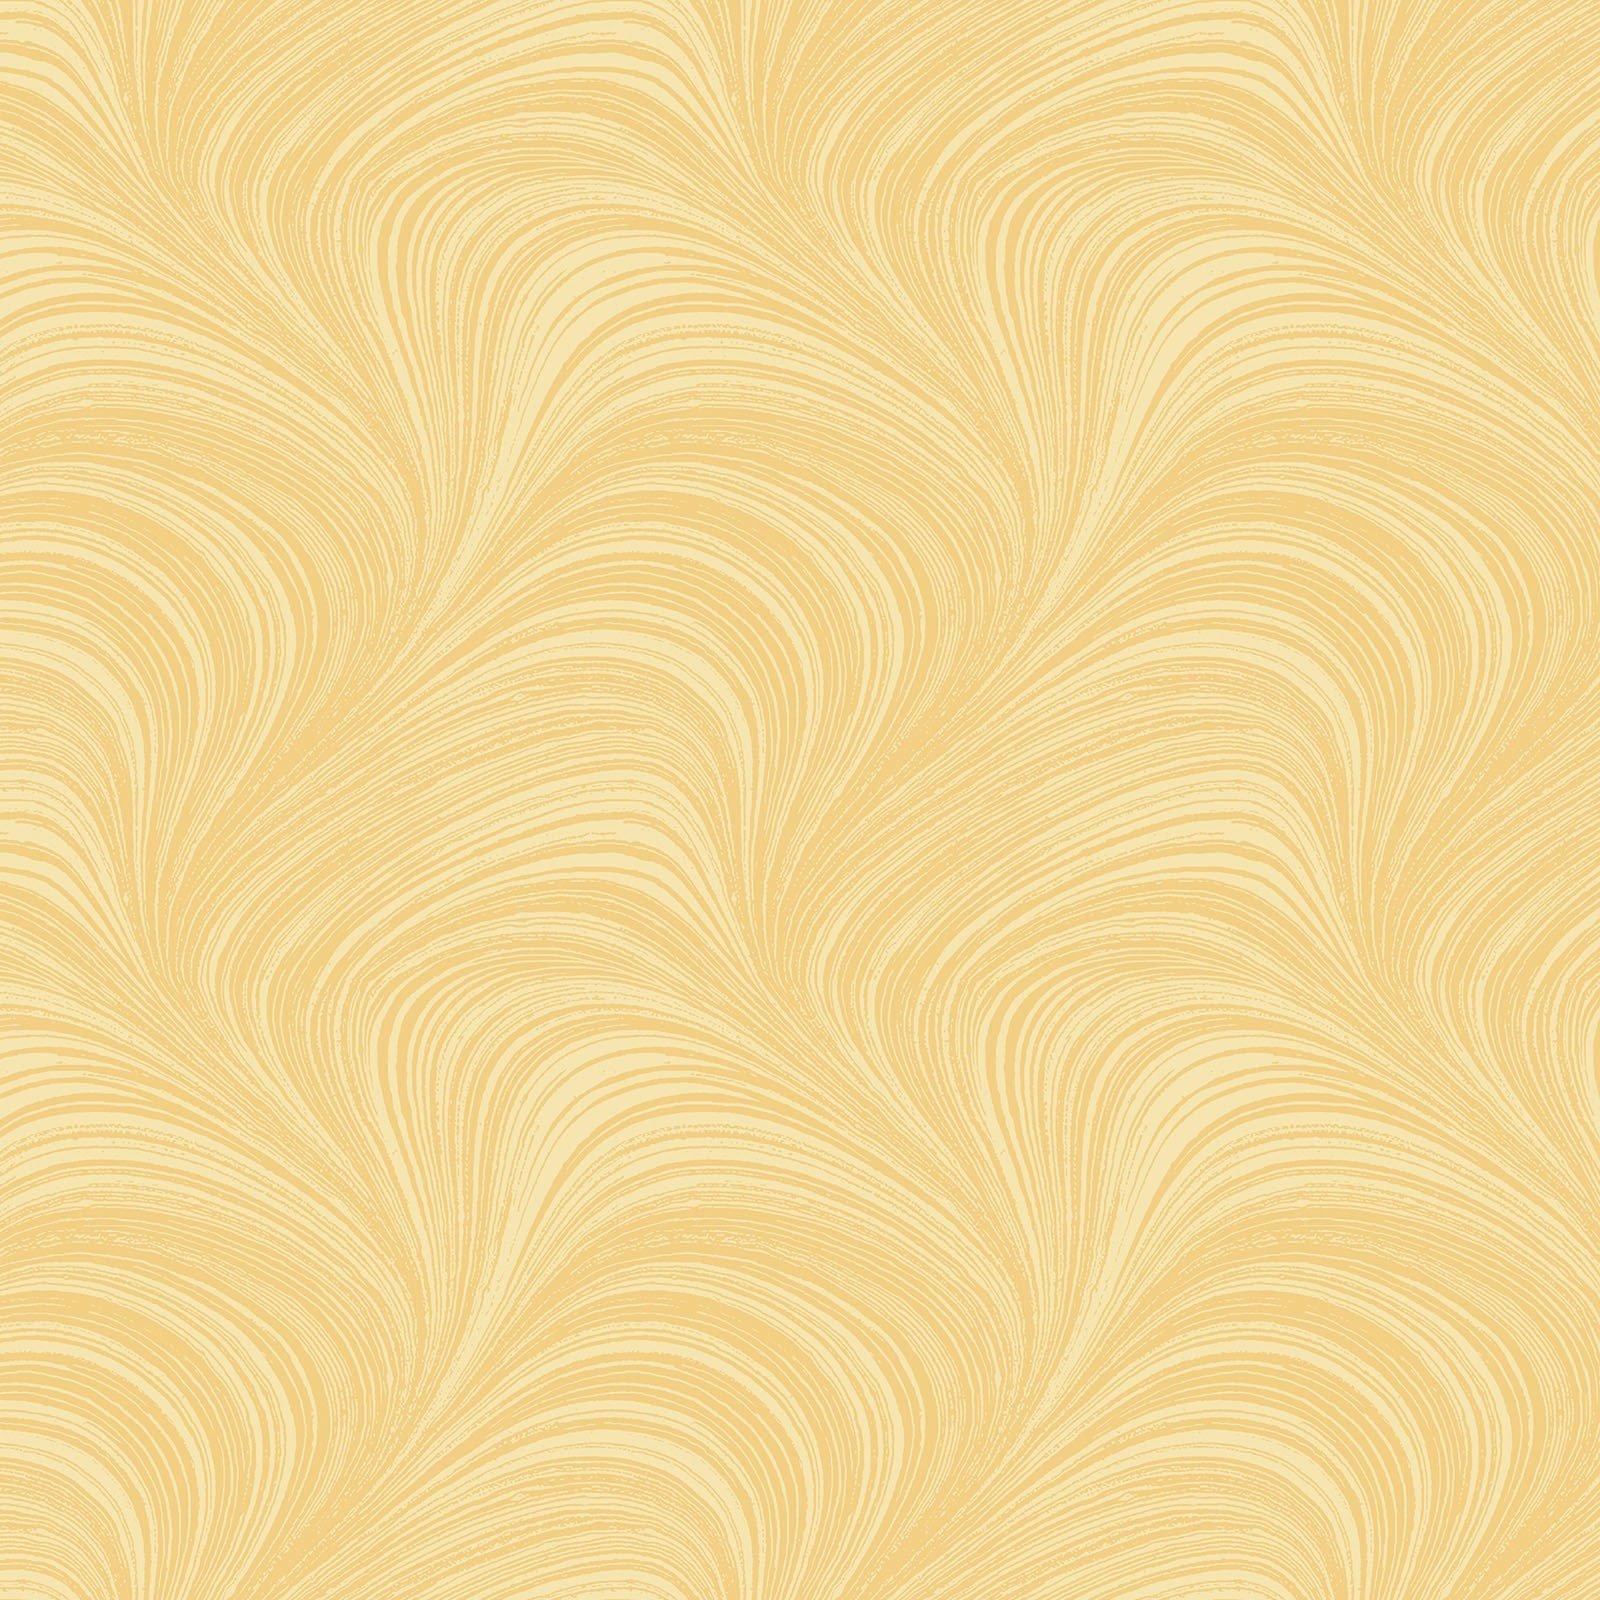 108in Wave Texture - Yellow<br/>Benartex 2966W30